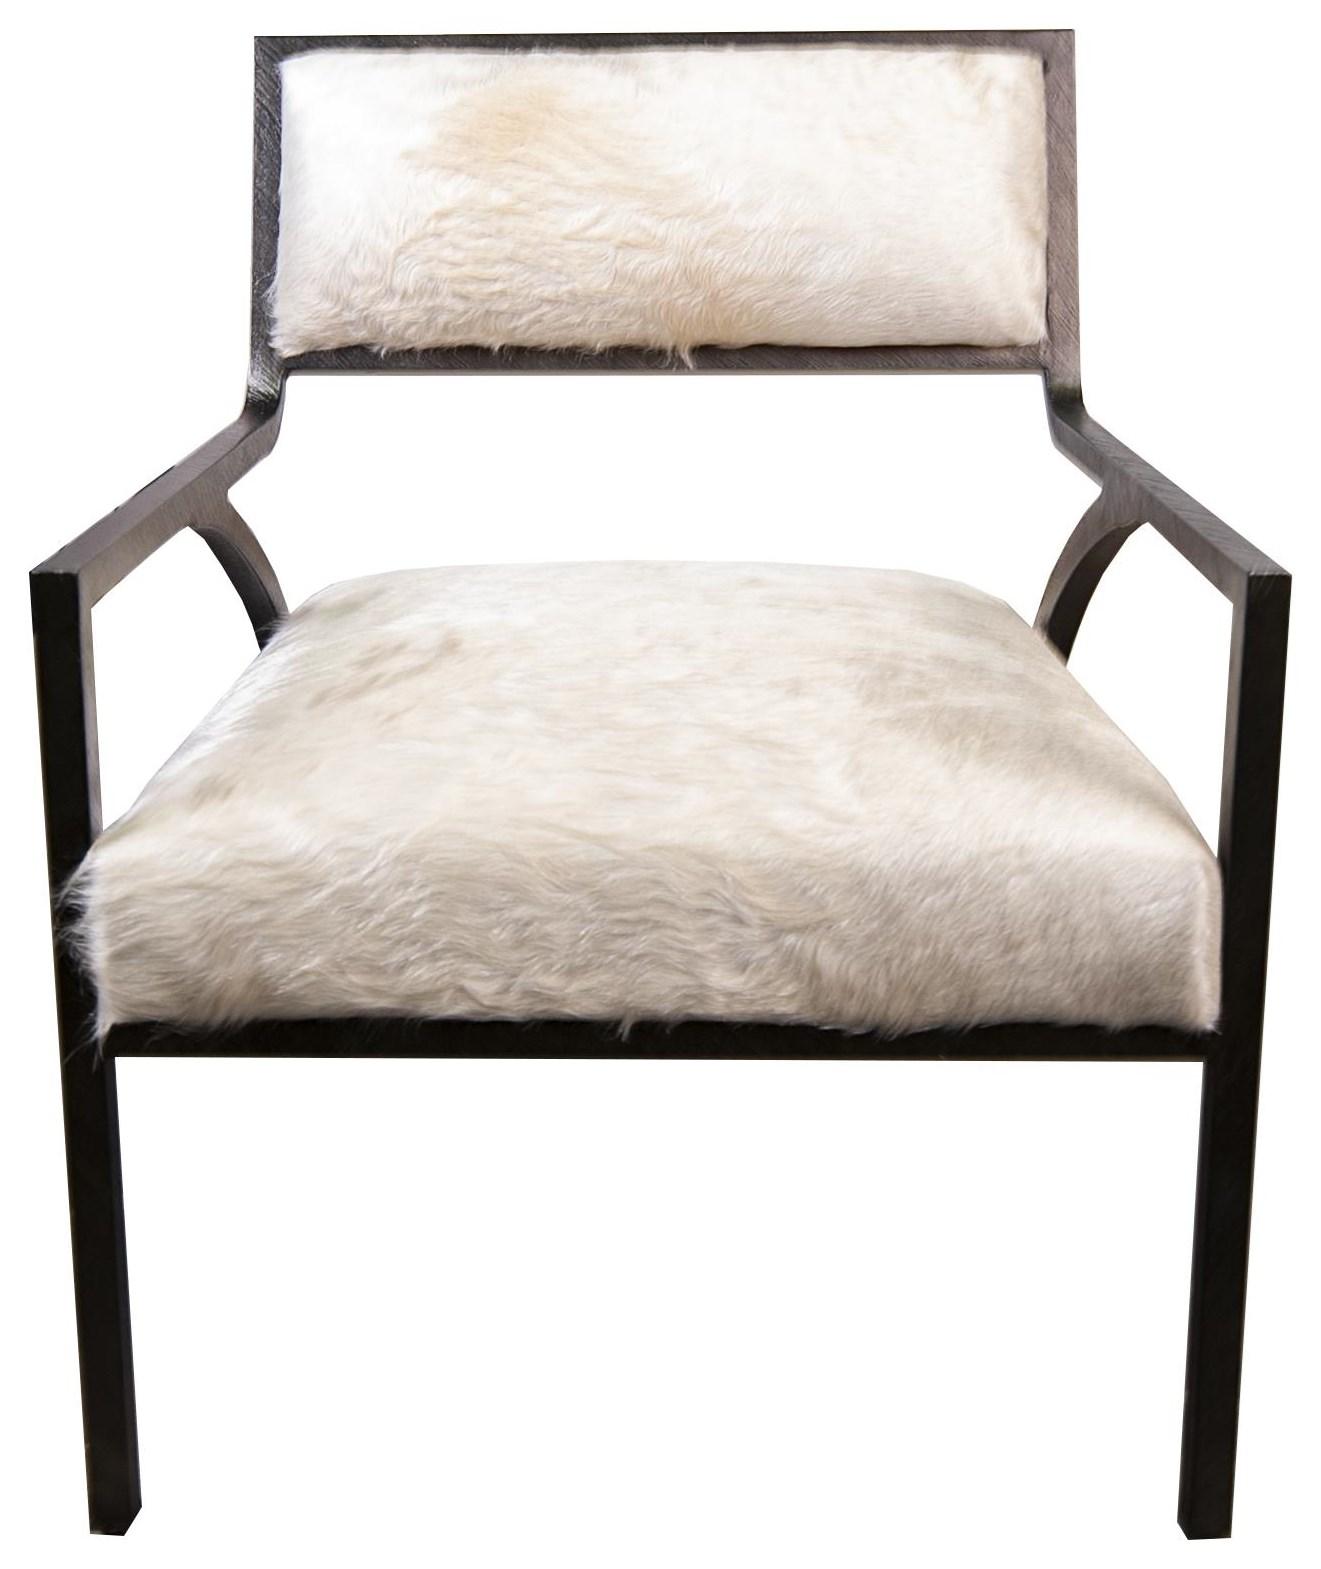 Cohen Cohen Chair by Bernhardt at Morris Home